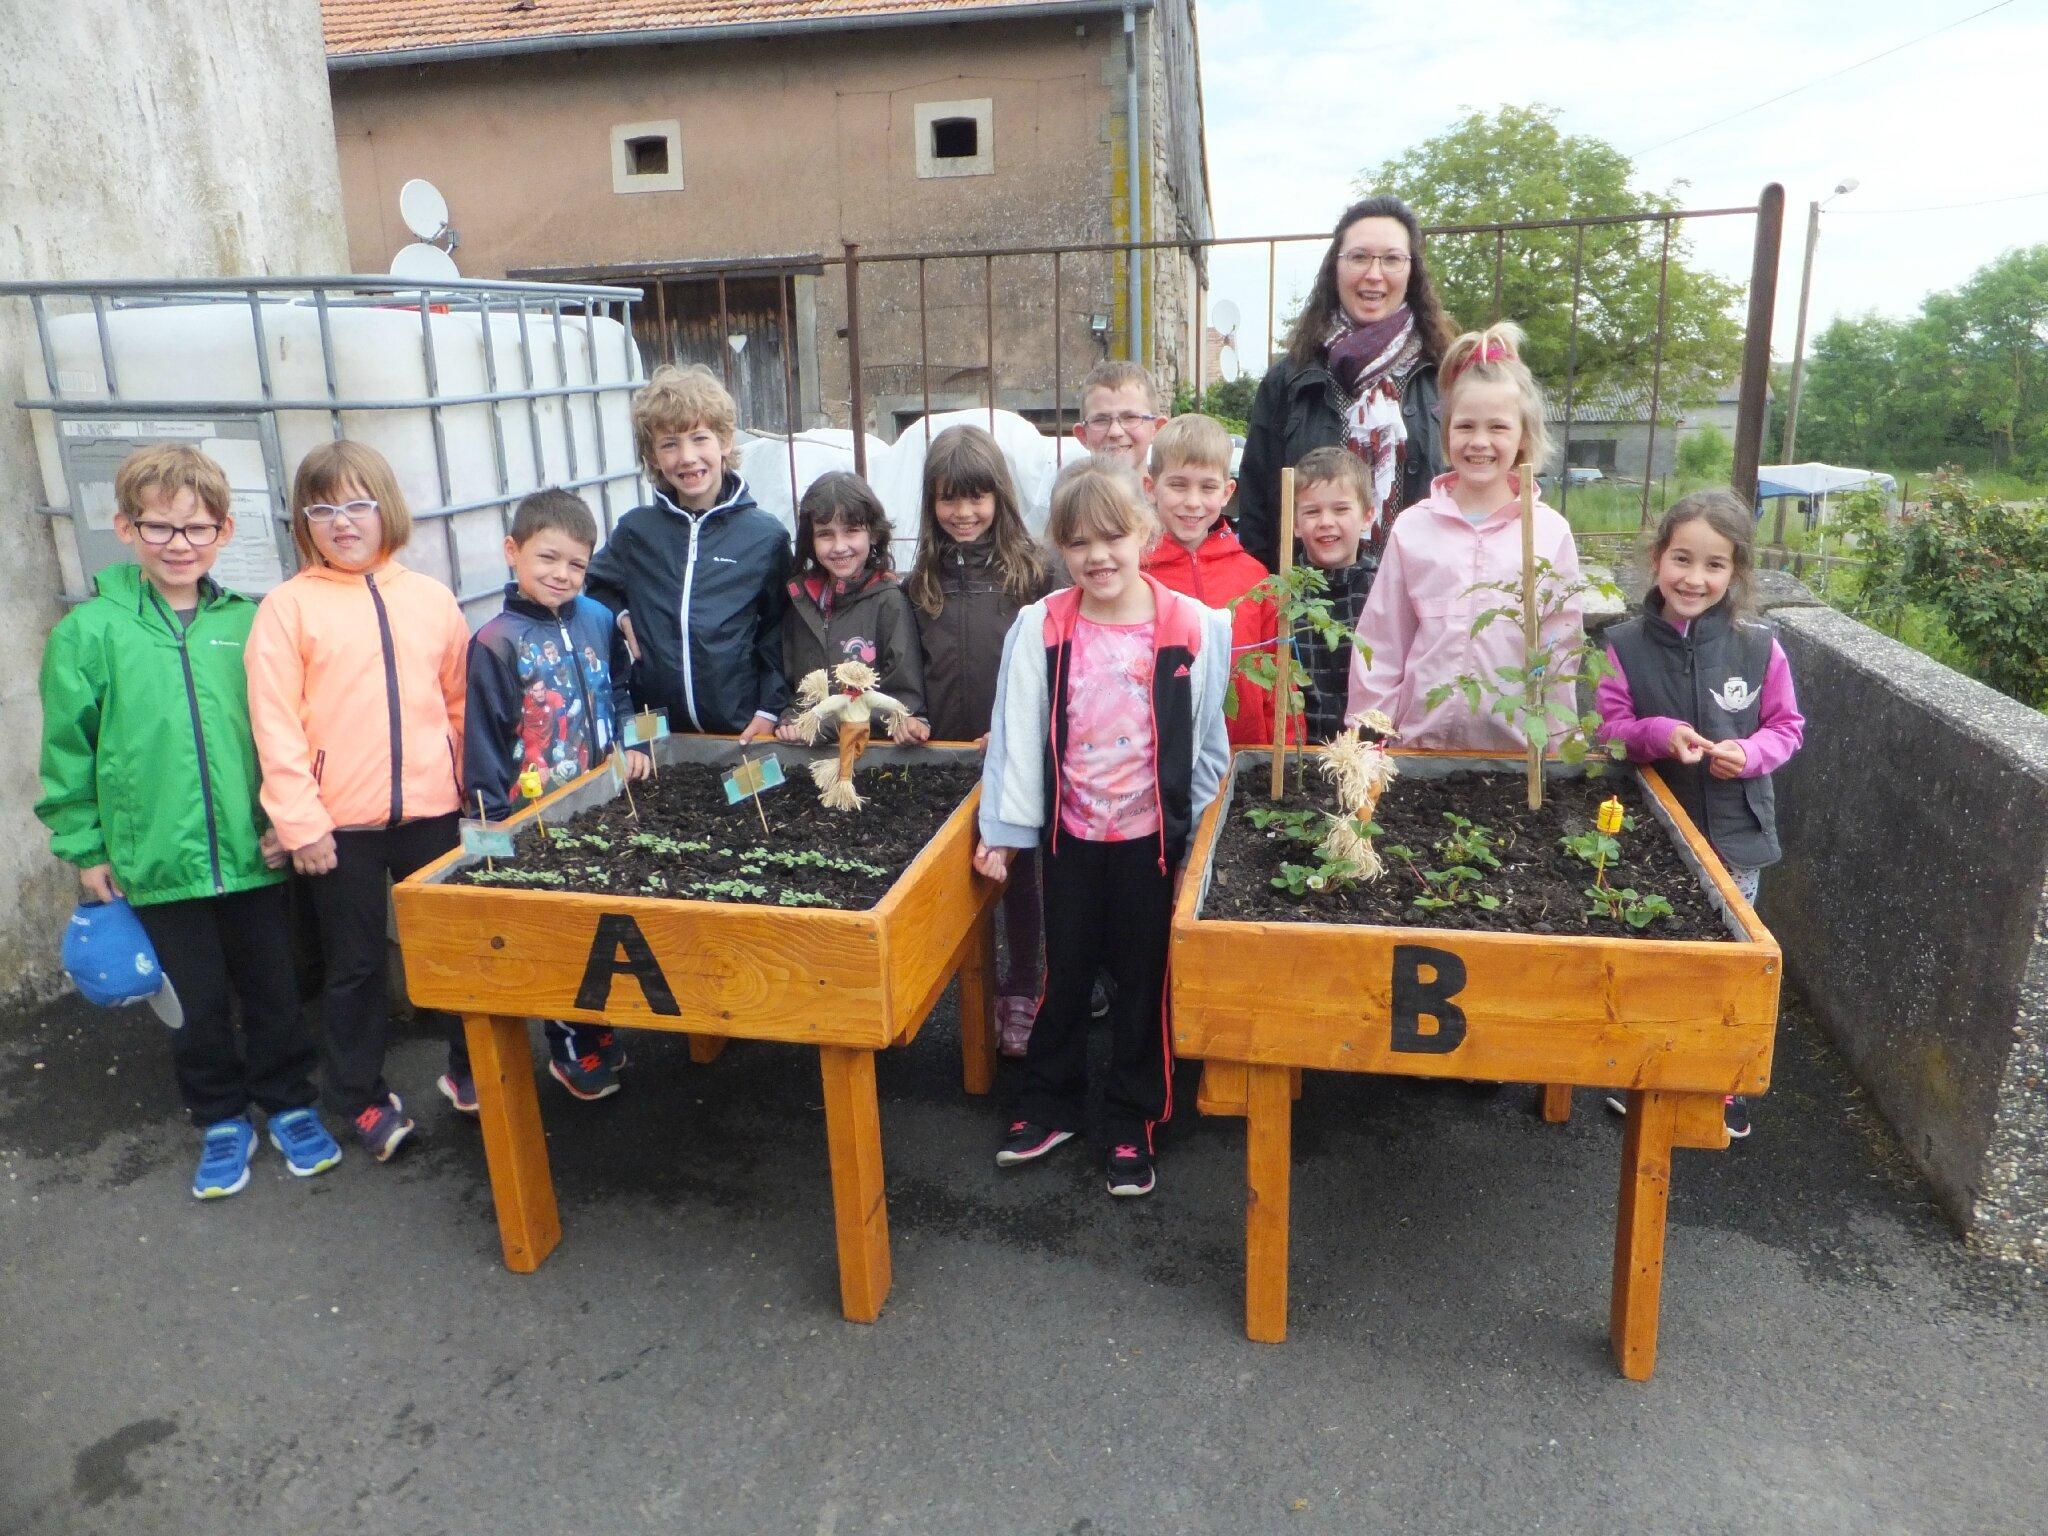 Cours de jardinage à l'école d'Insviller